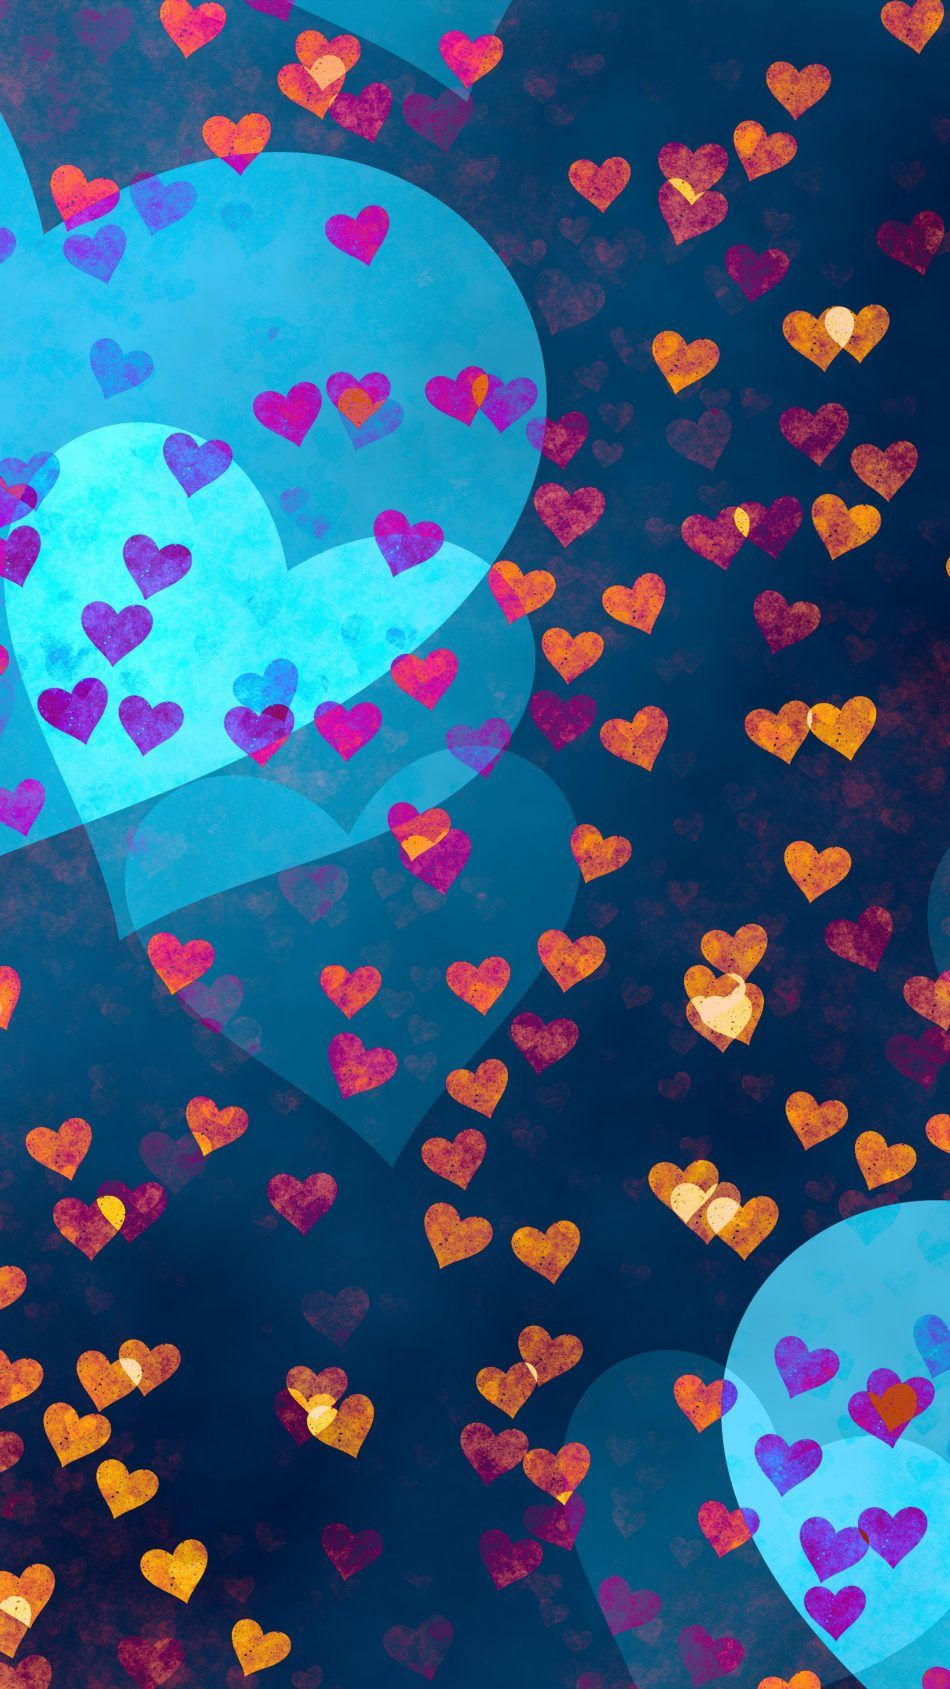 Love Hearts Pattern Hd Wallpaper Pattern Wallpaper Hd Cool